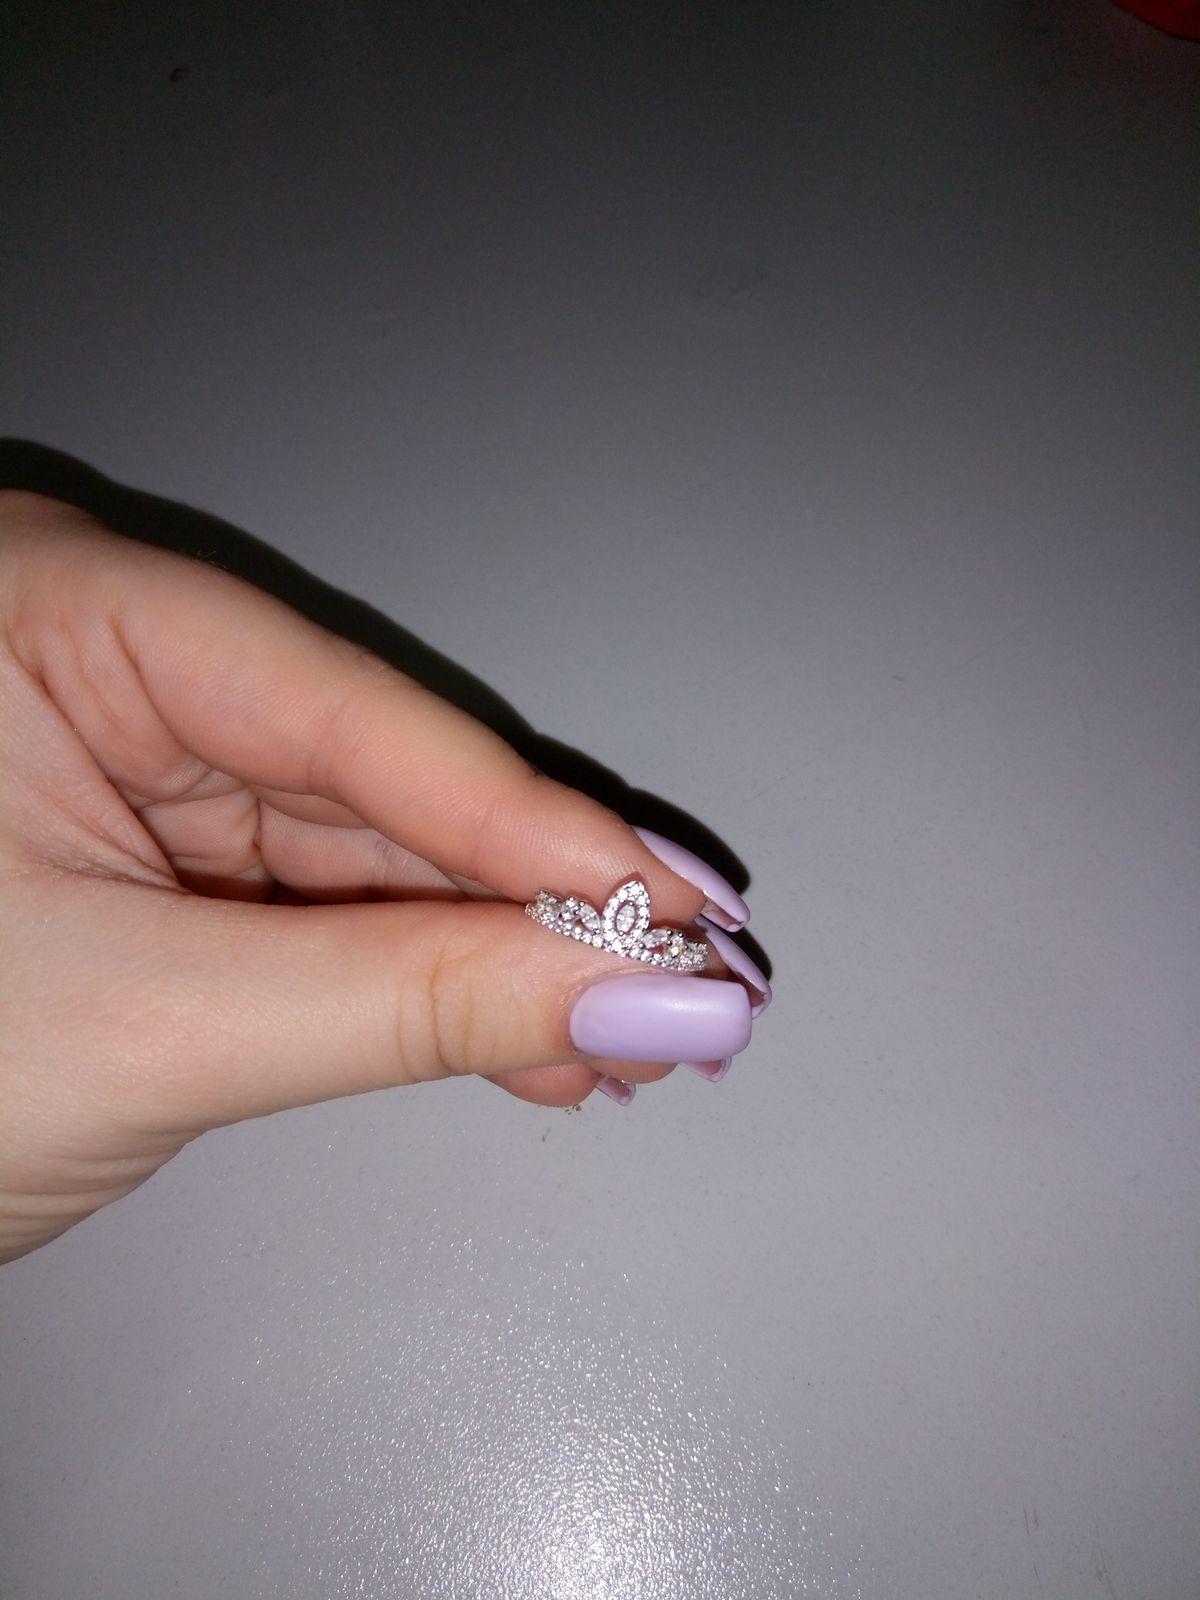 Обалденное кольцо 😍👍😍